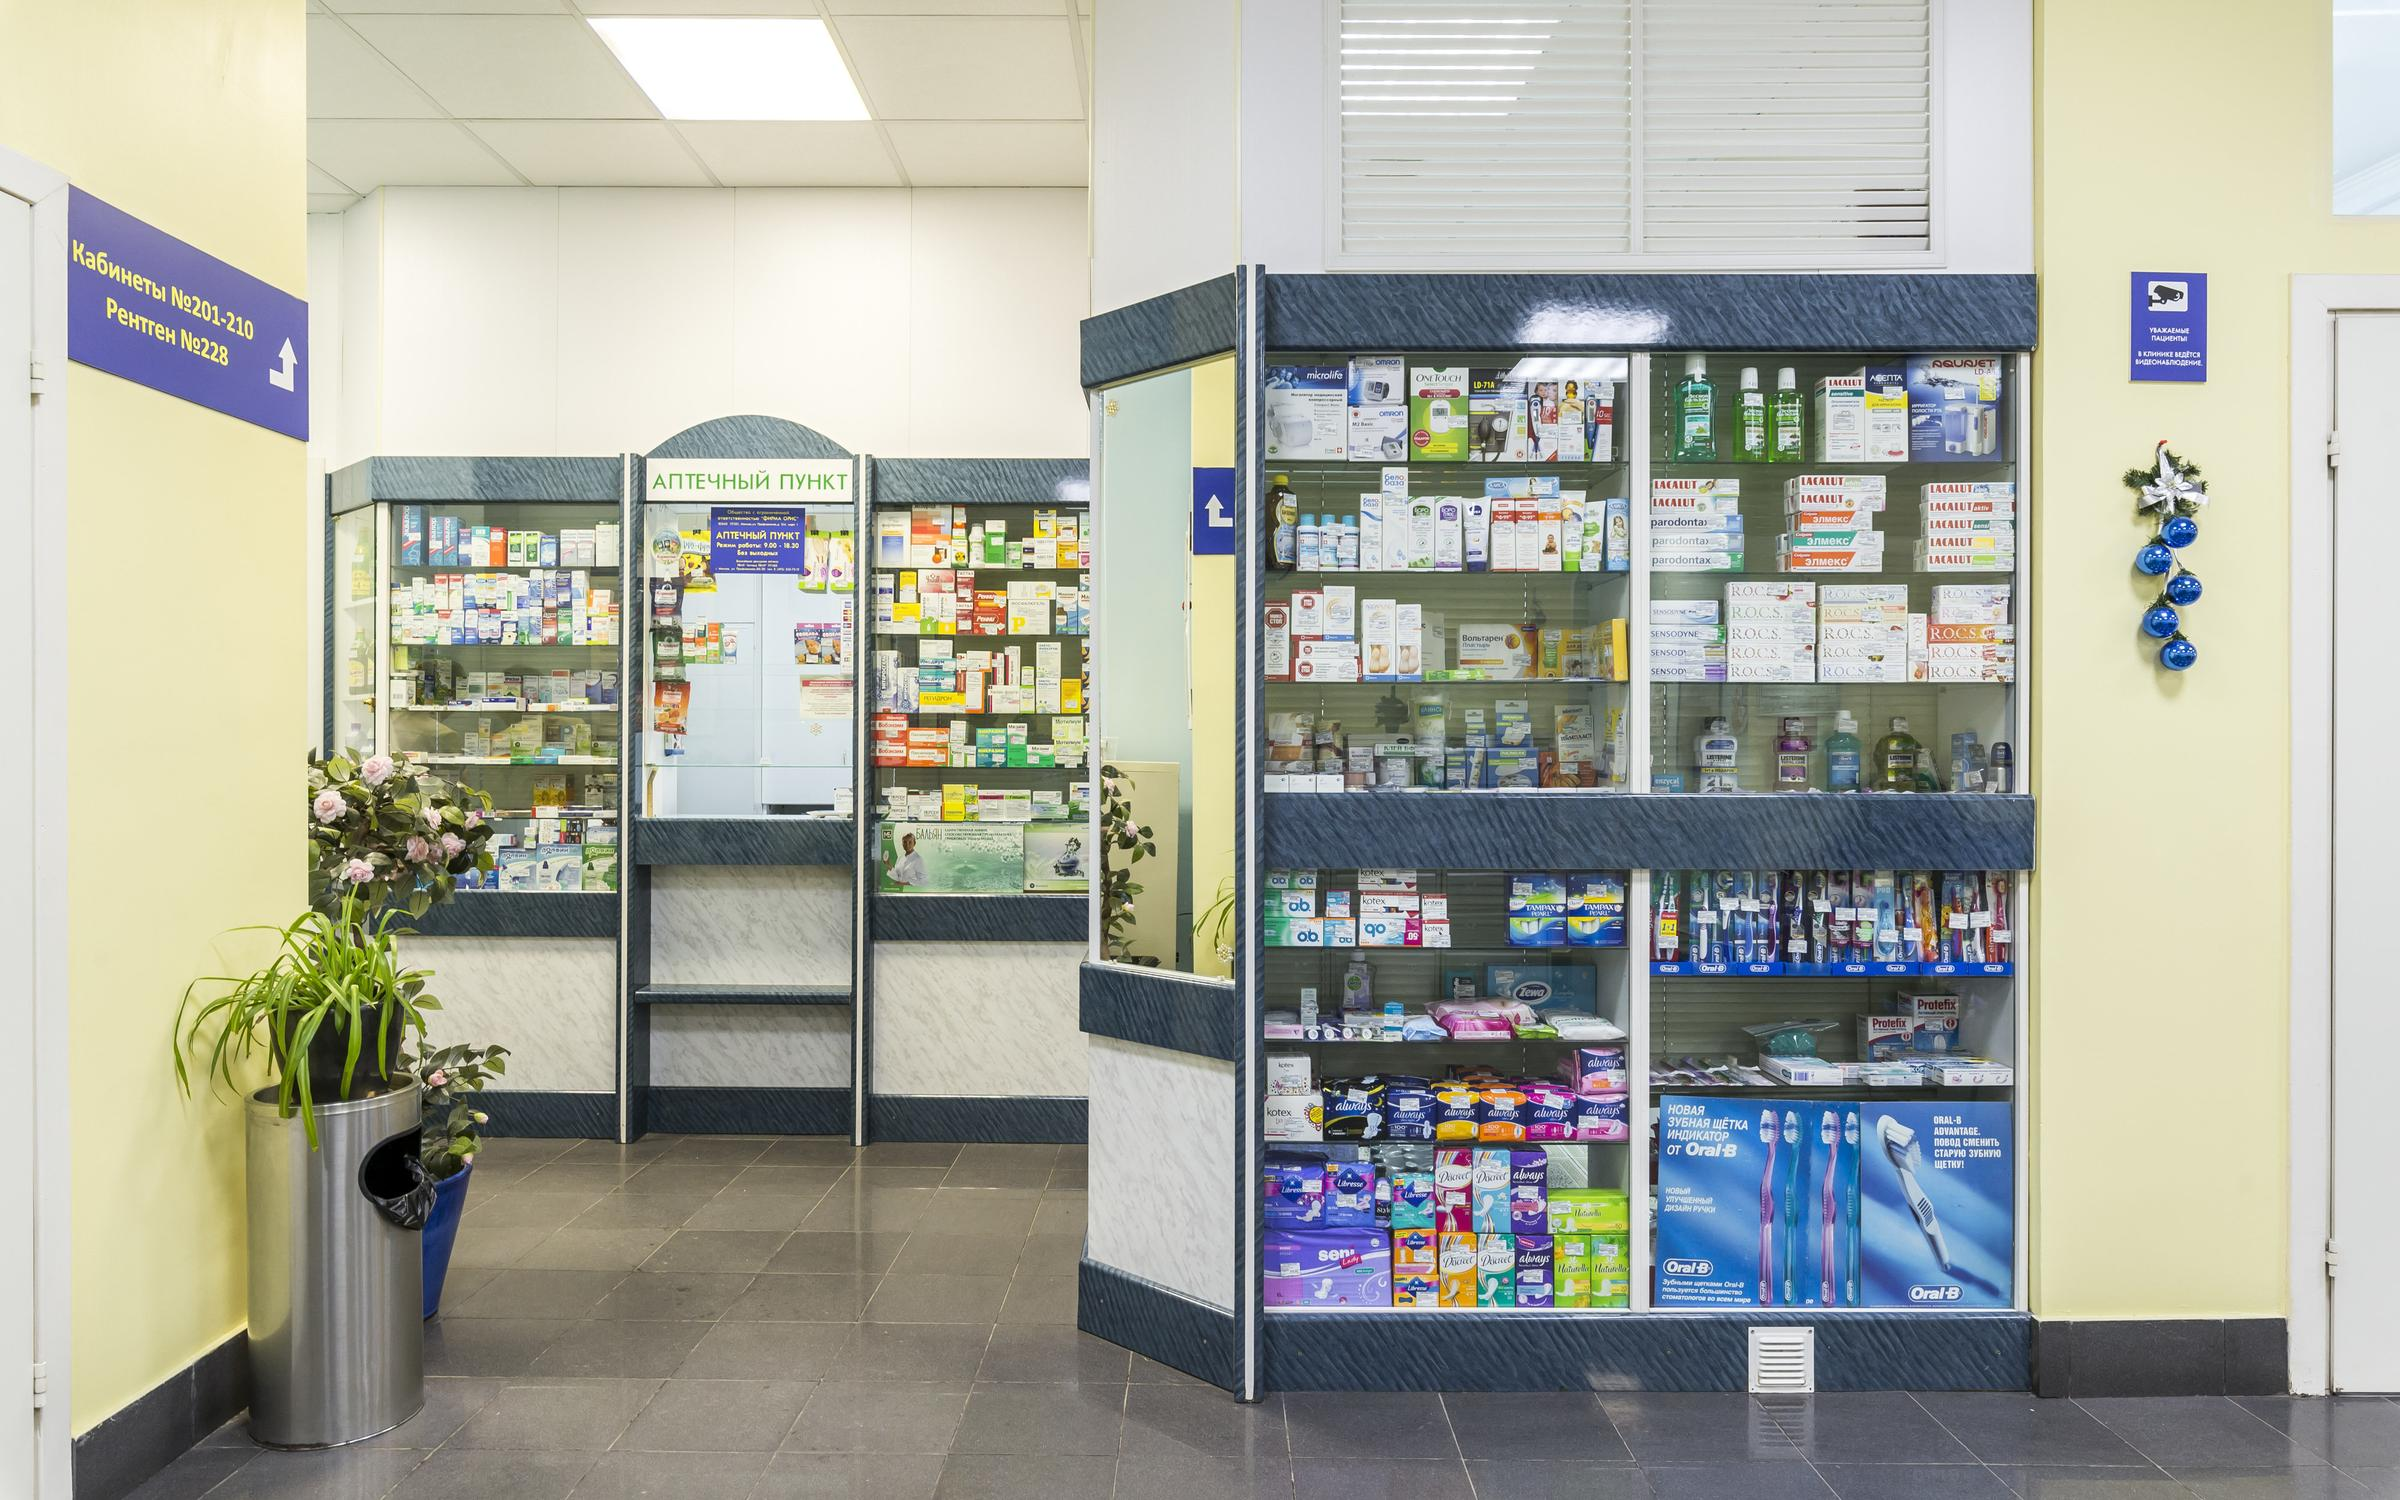 Поликлиника на сахарова 23 телефон